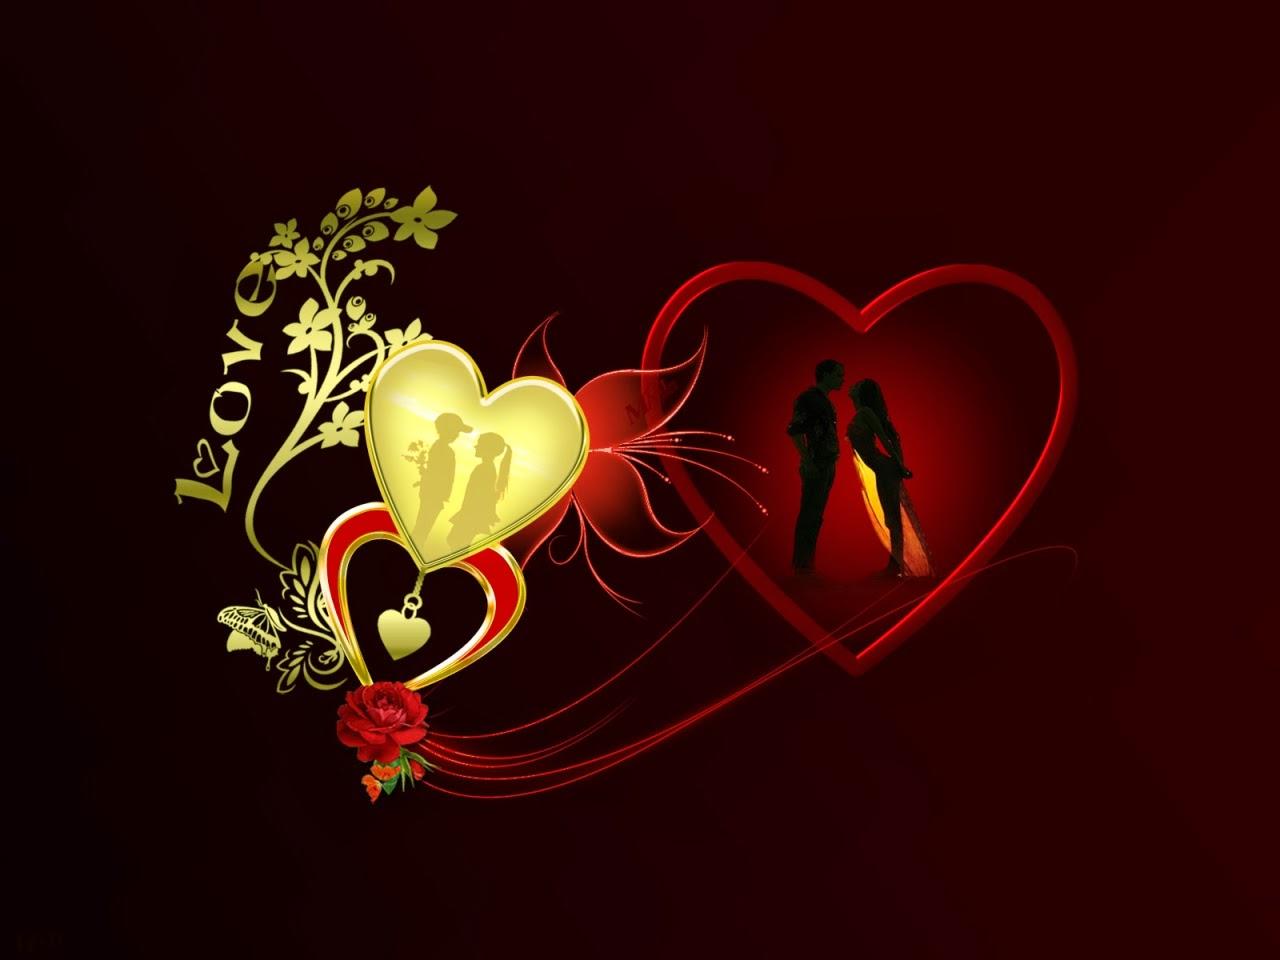 بالصور خلفيات حب جميلة , صور حب رومانسية 2980 4